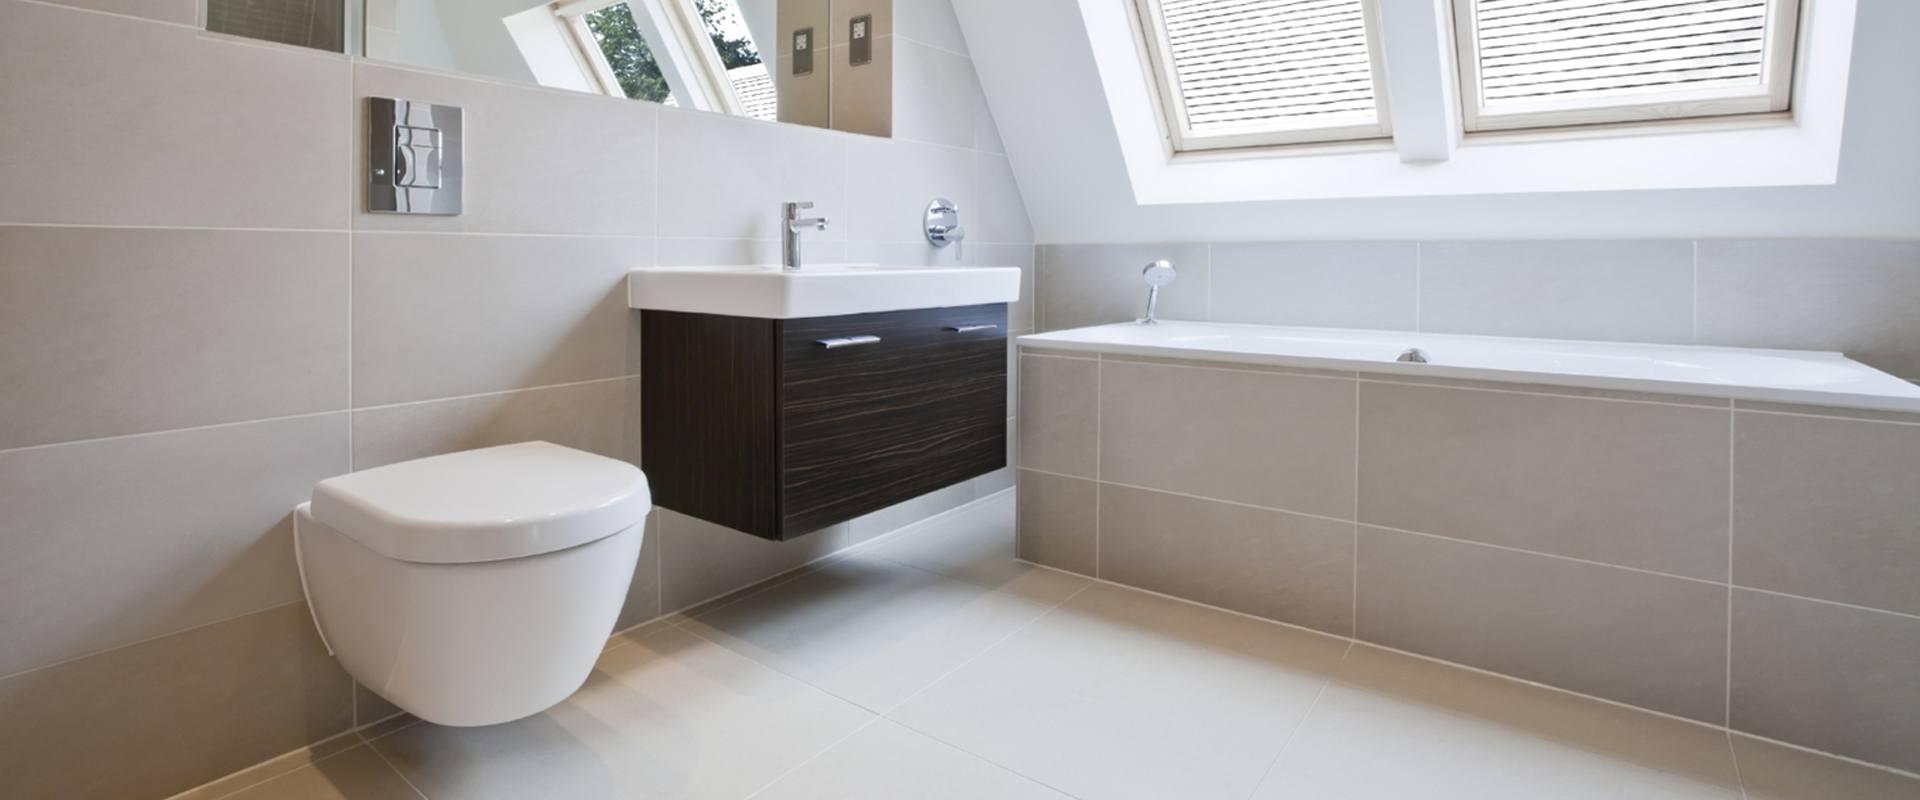 Nyt badeværelse pris